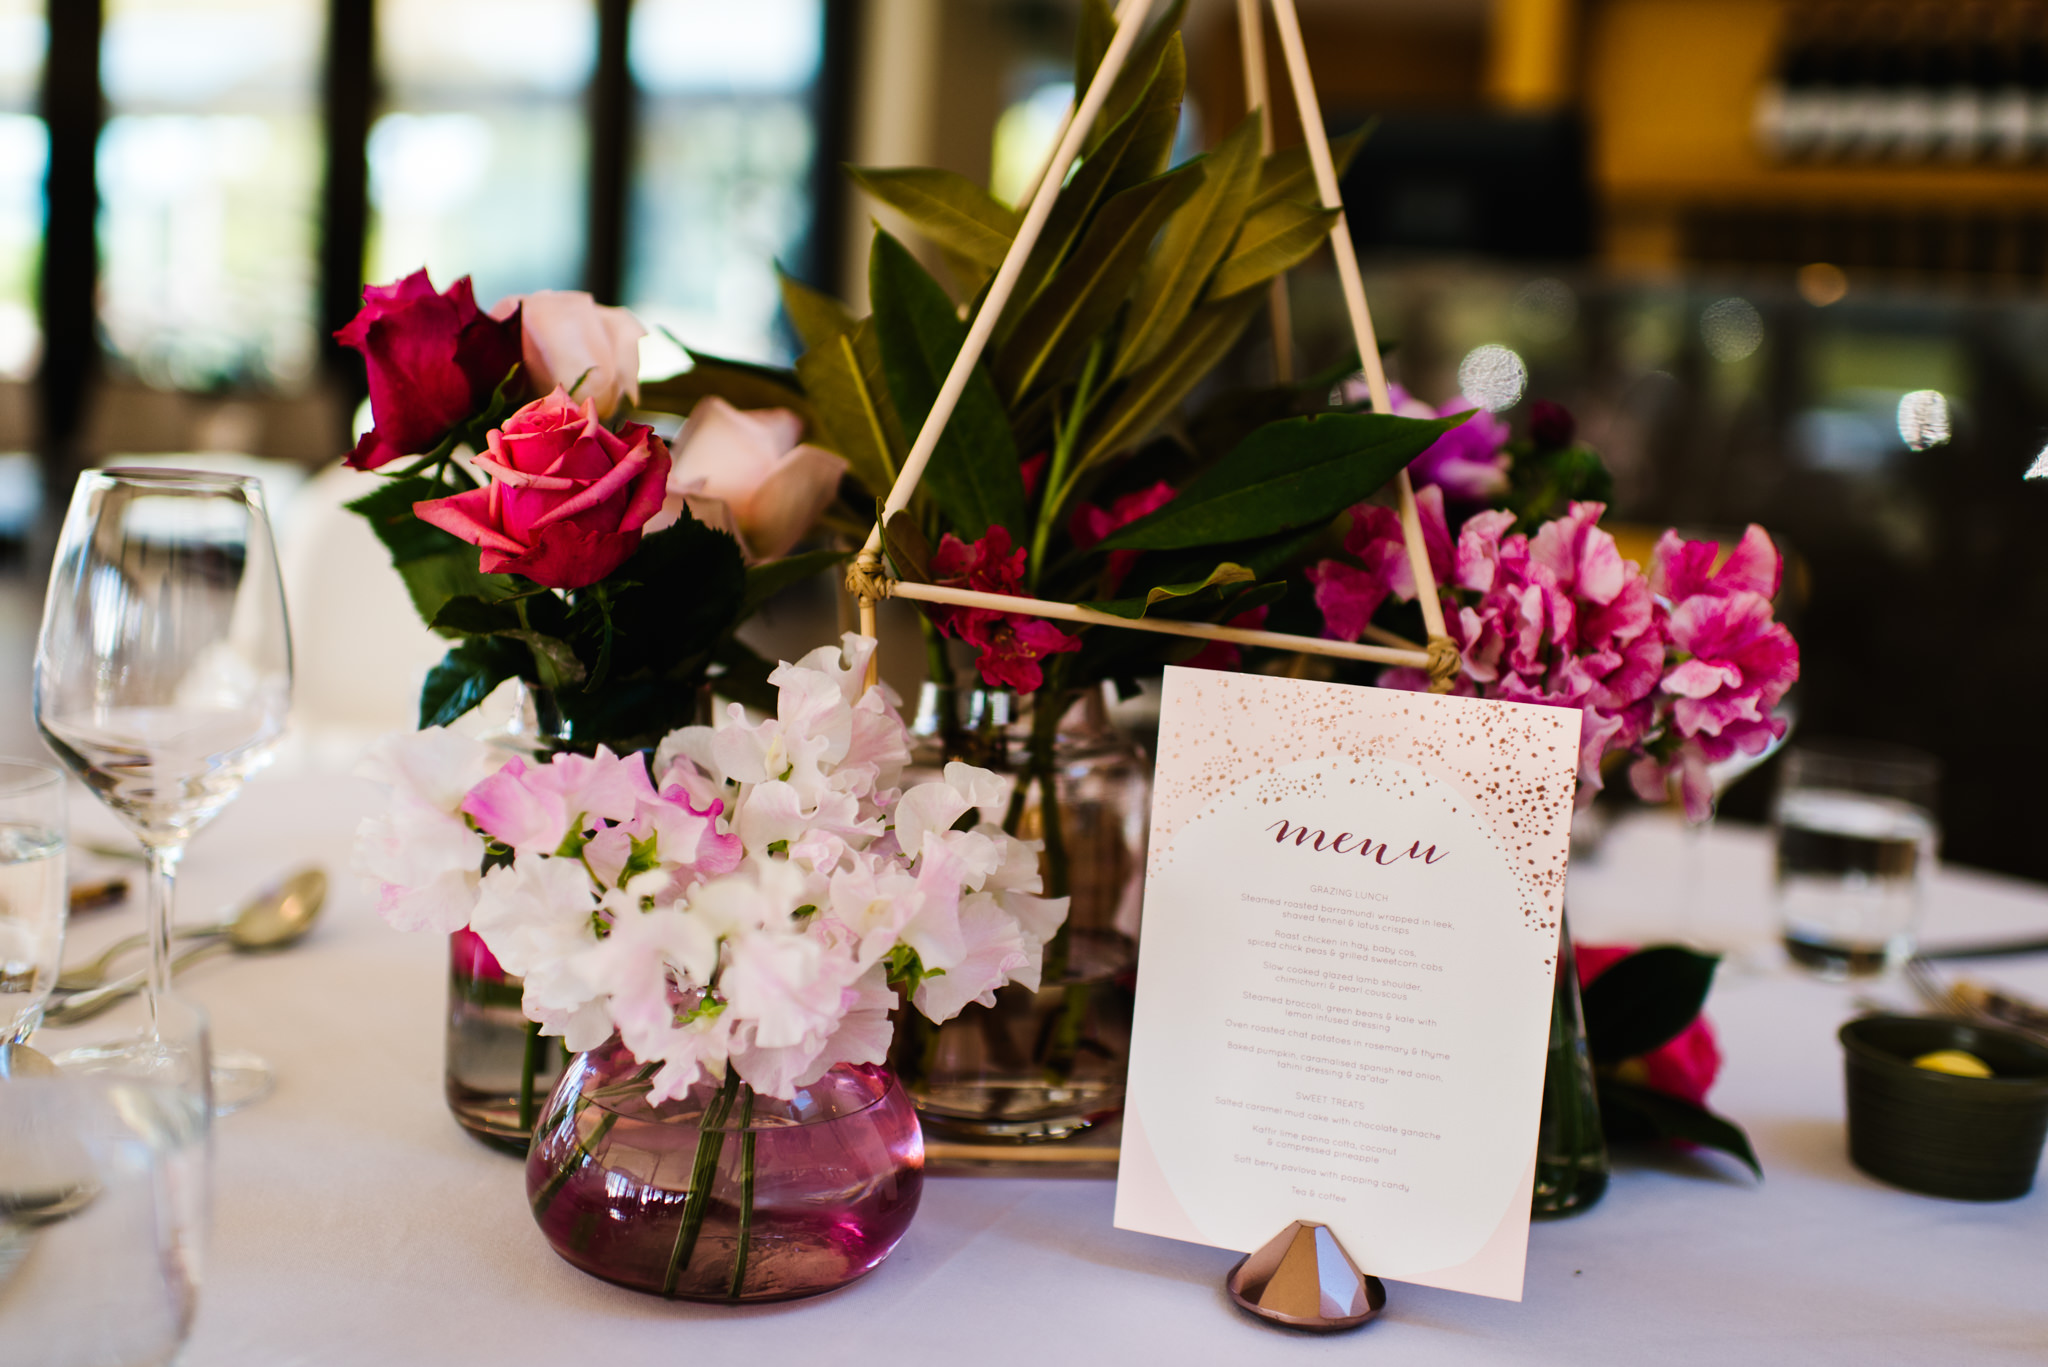 Table at Centennial Parklands Dining christening reception.jpg